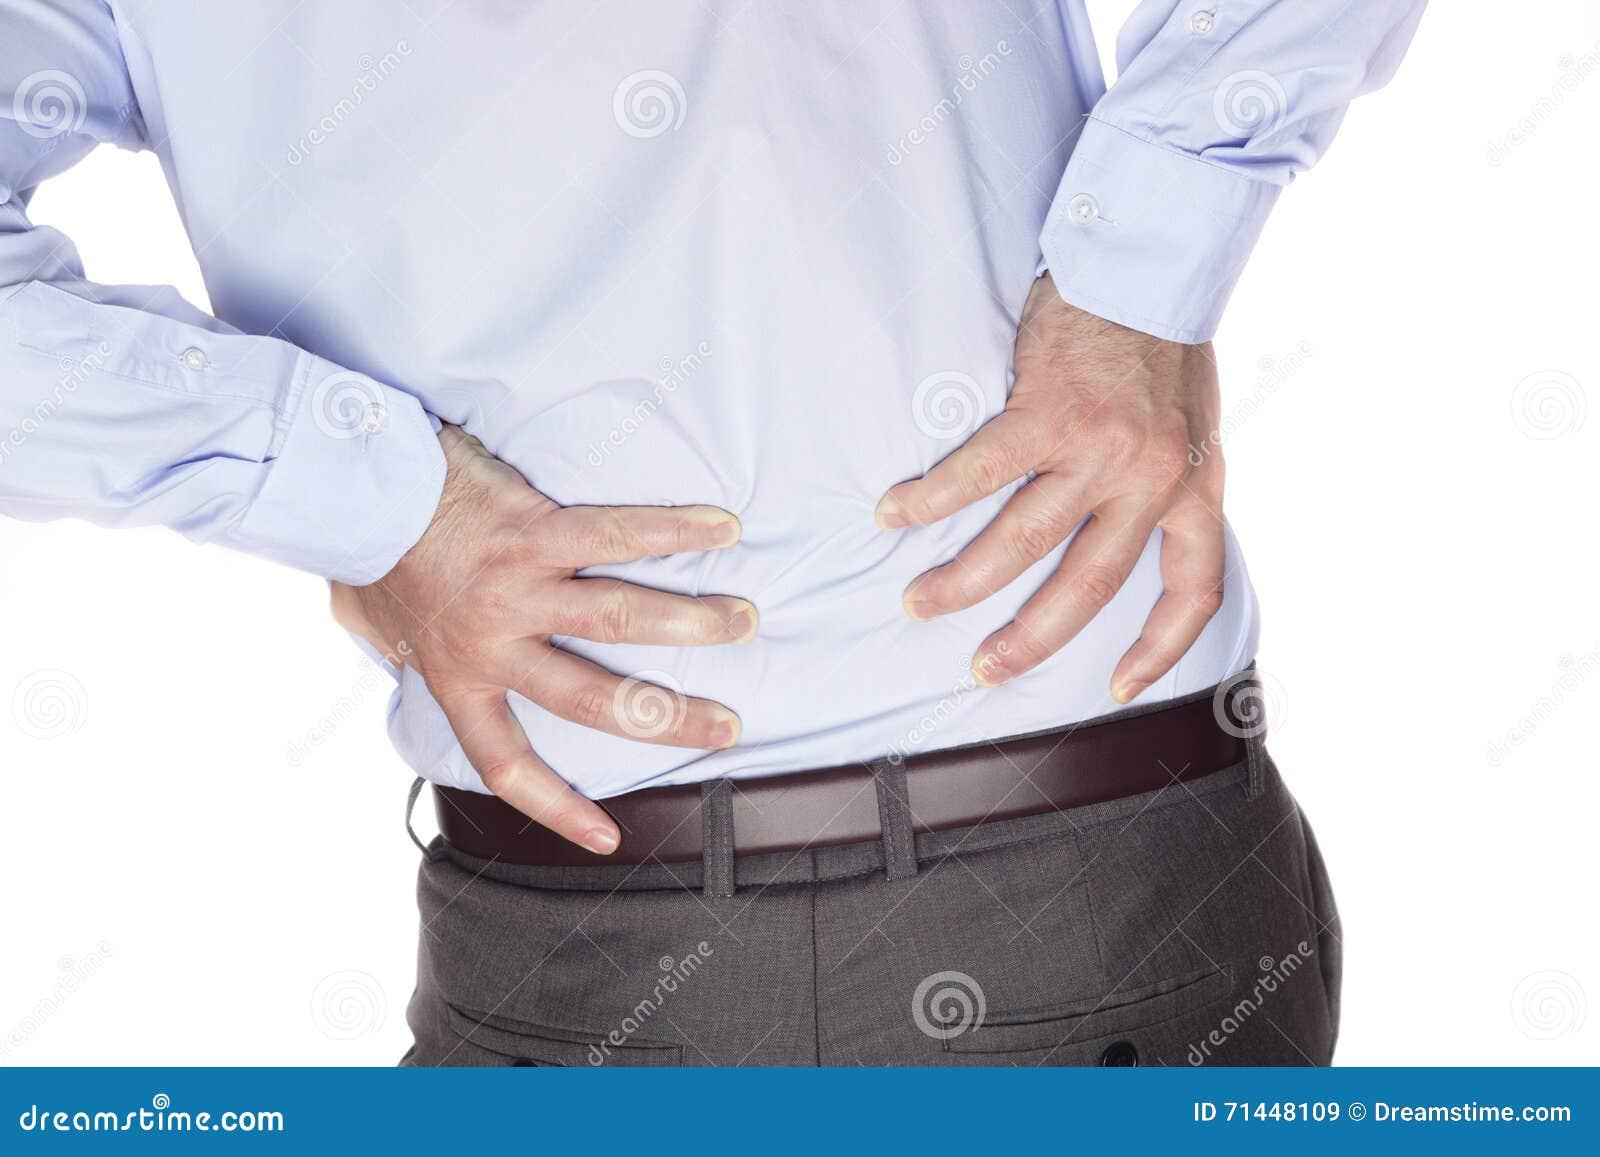 Gedeeltelijk desaturated beeld van gespannen mannelijke rug